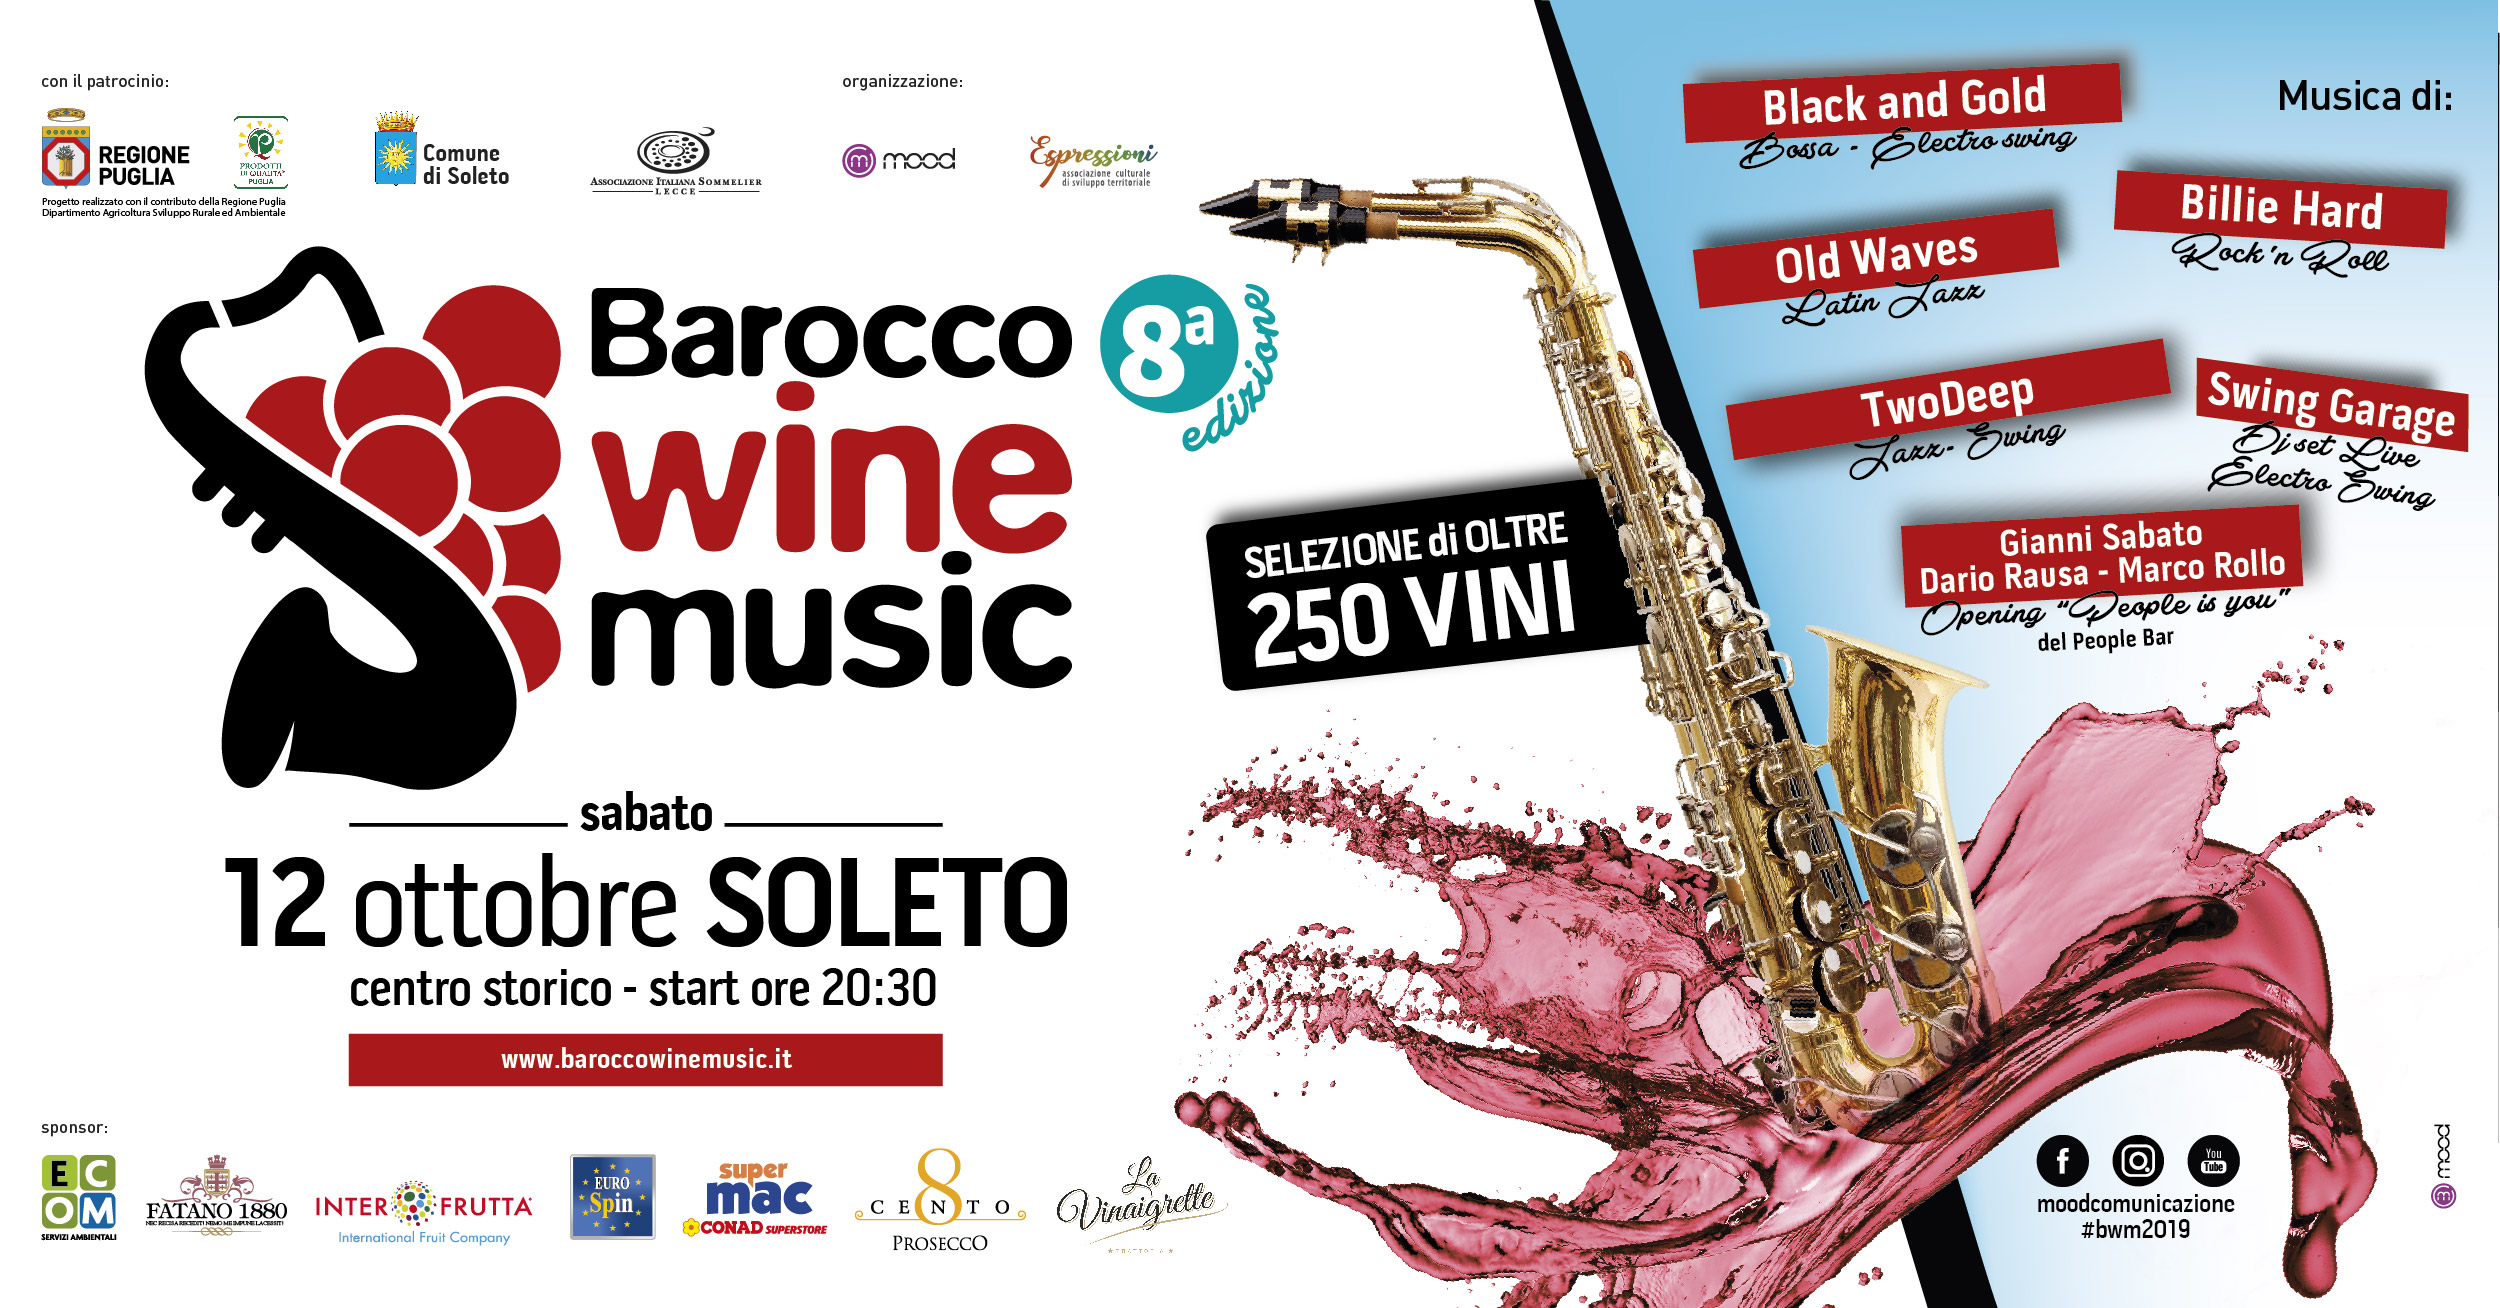 OTTAVA EDIZIONE DEL BAROCCO WINE MUSIC